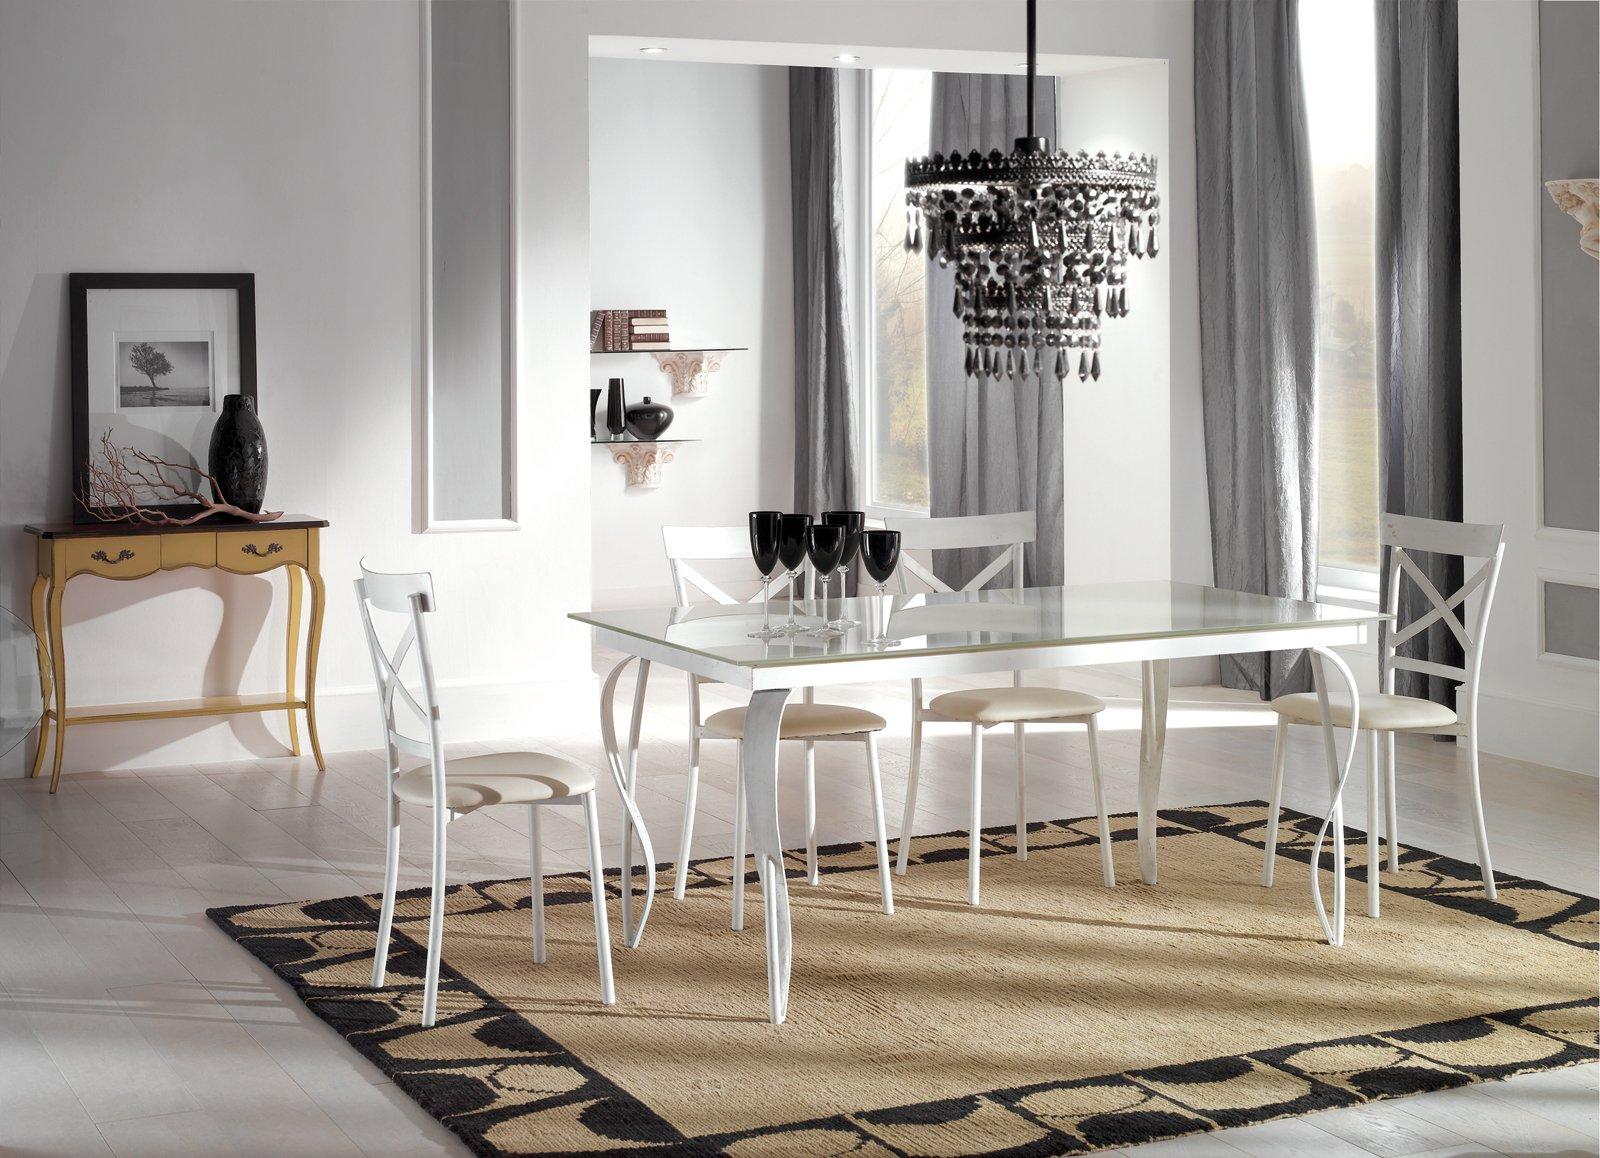 Le Fablier Tavoli Allungabili.Tavolo Bianco Da Abbinare A Tutto Cose Di Casa